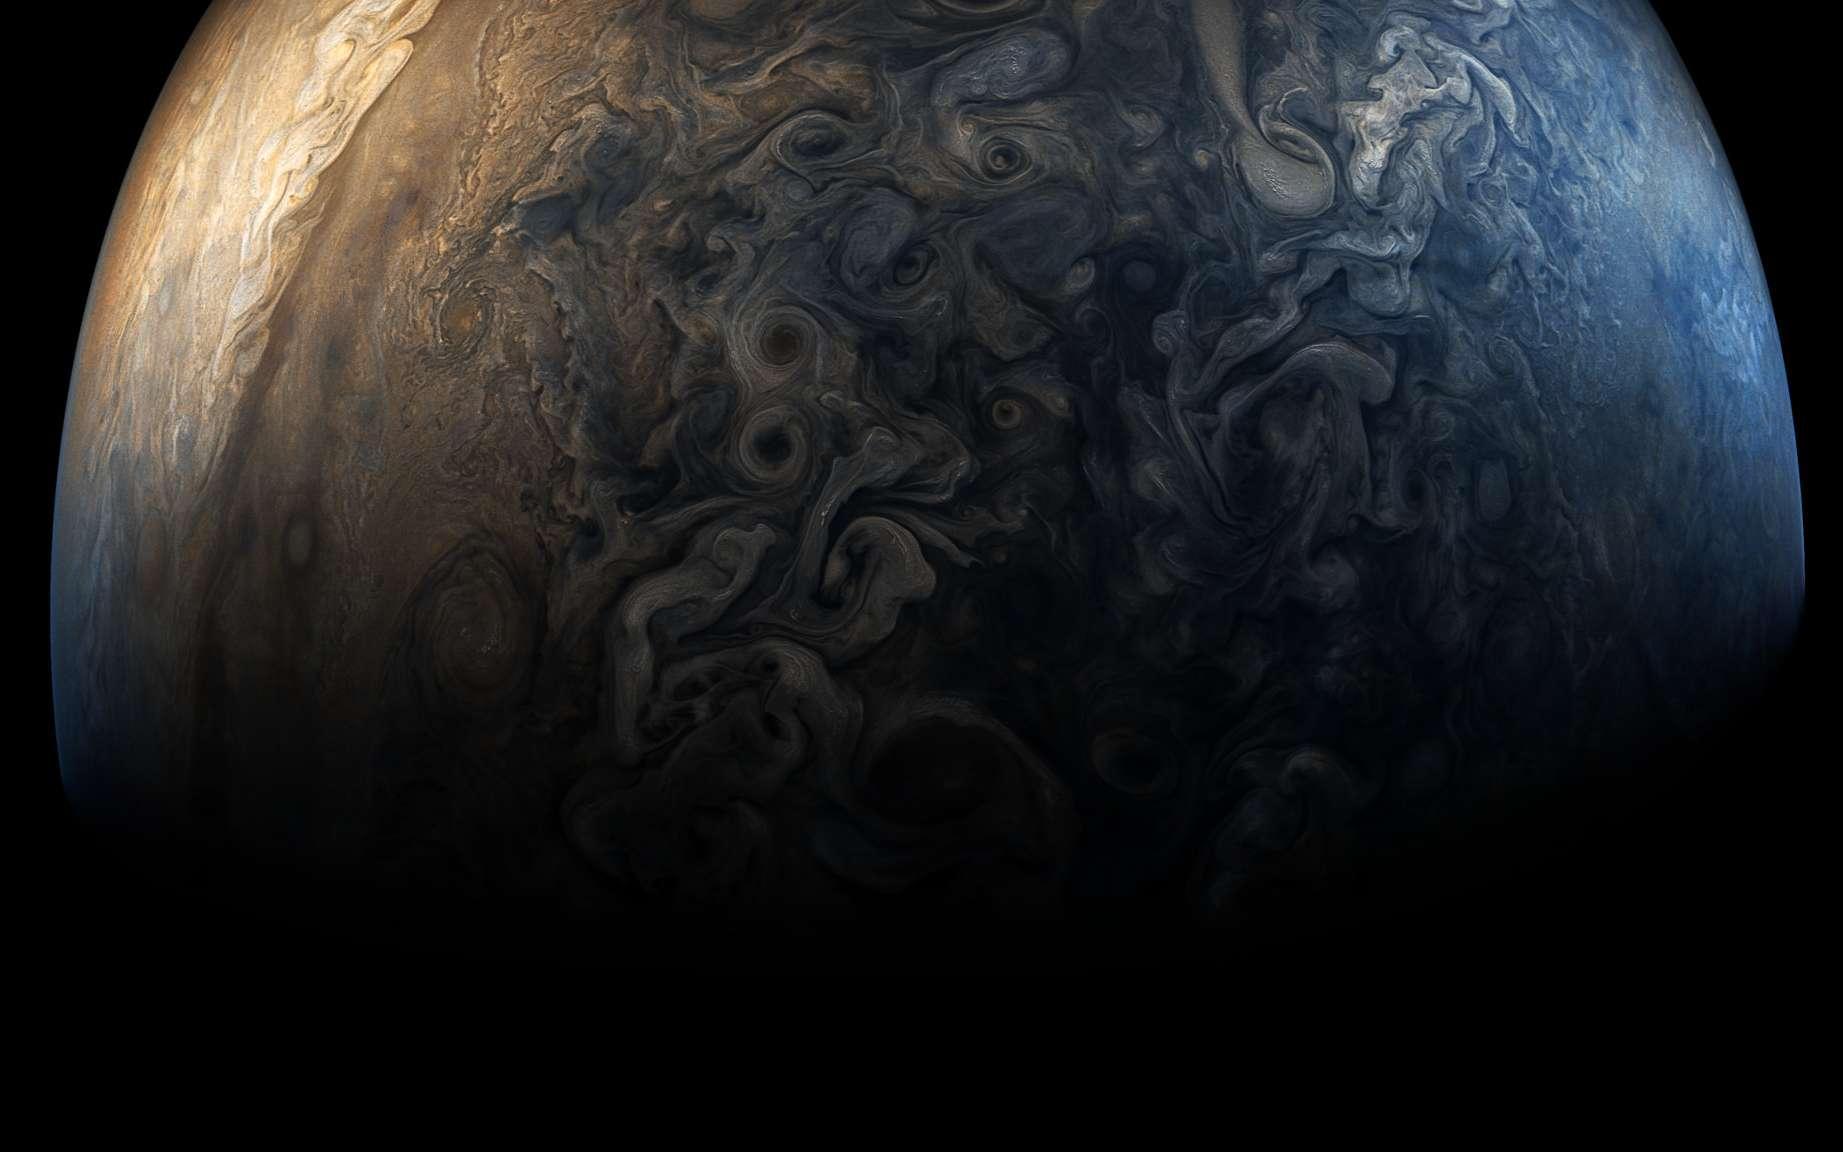 Jupiter en 2017. Image traitée prise par la sonde Juno. Le pôle sud de la géante gazeuse est à droite. La variété de ses phénomènes atmosphériques est fascinante. © Nasa, SwRI, MSSS, Gerald Eichstädt, Seán Doran